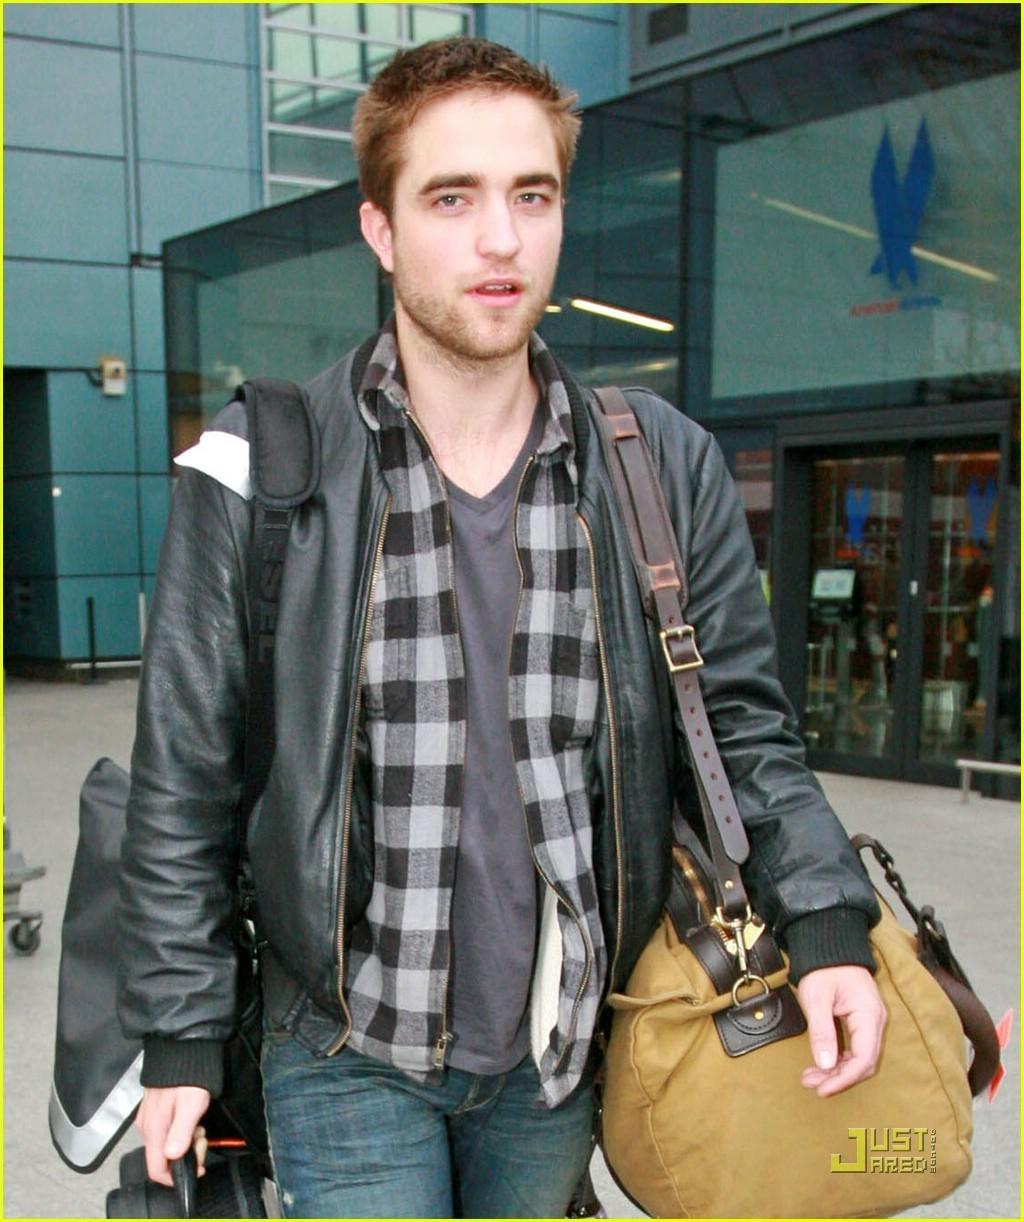 Rob back in লন্ডন